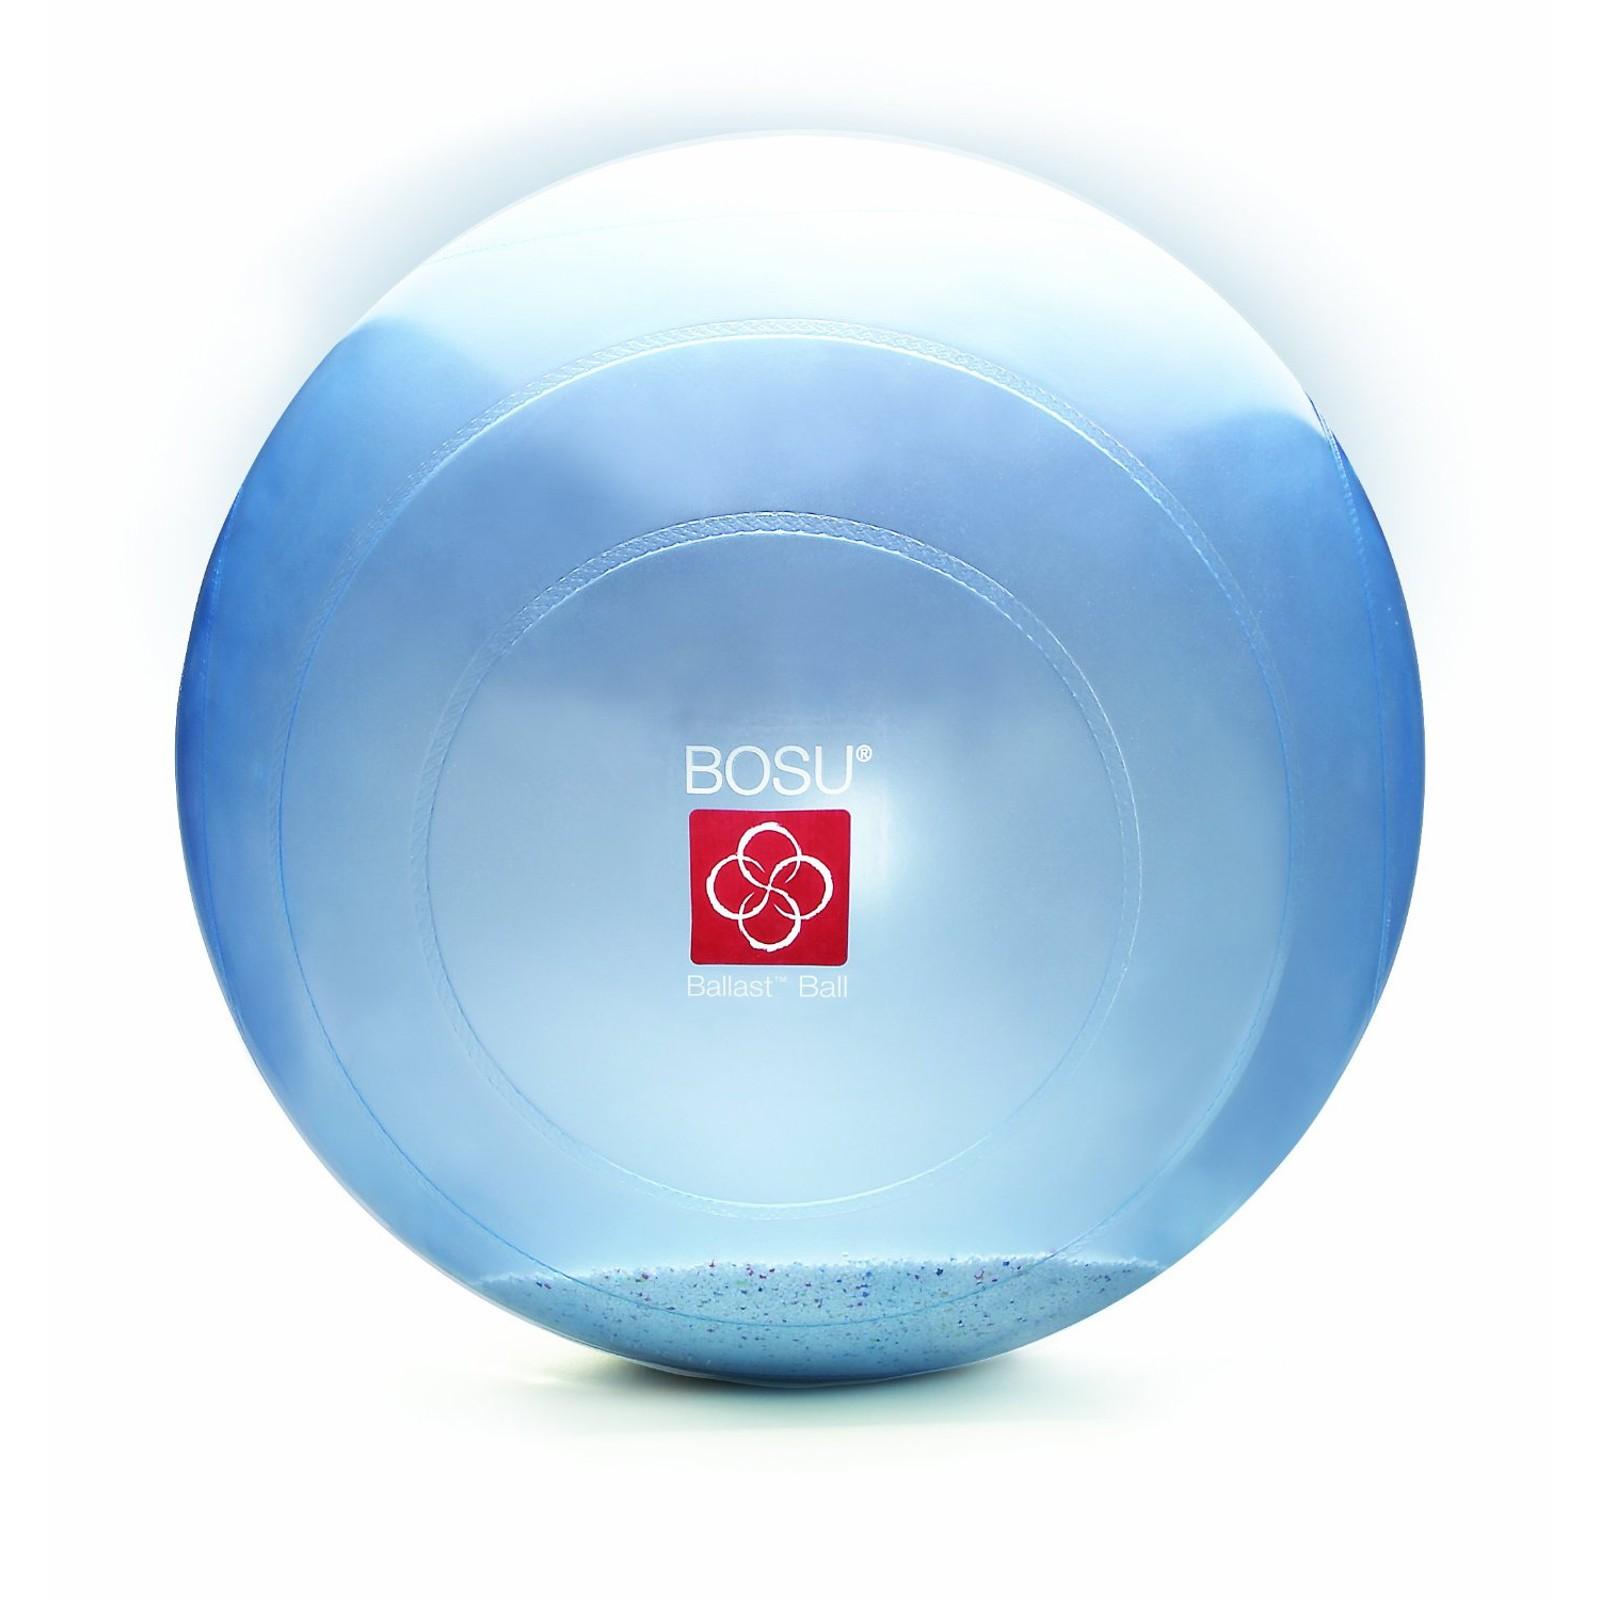 Balance Ball Walmart: BOSU Ballast Ball Buy & Test